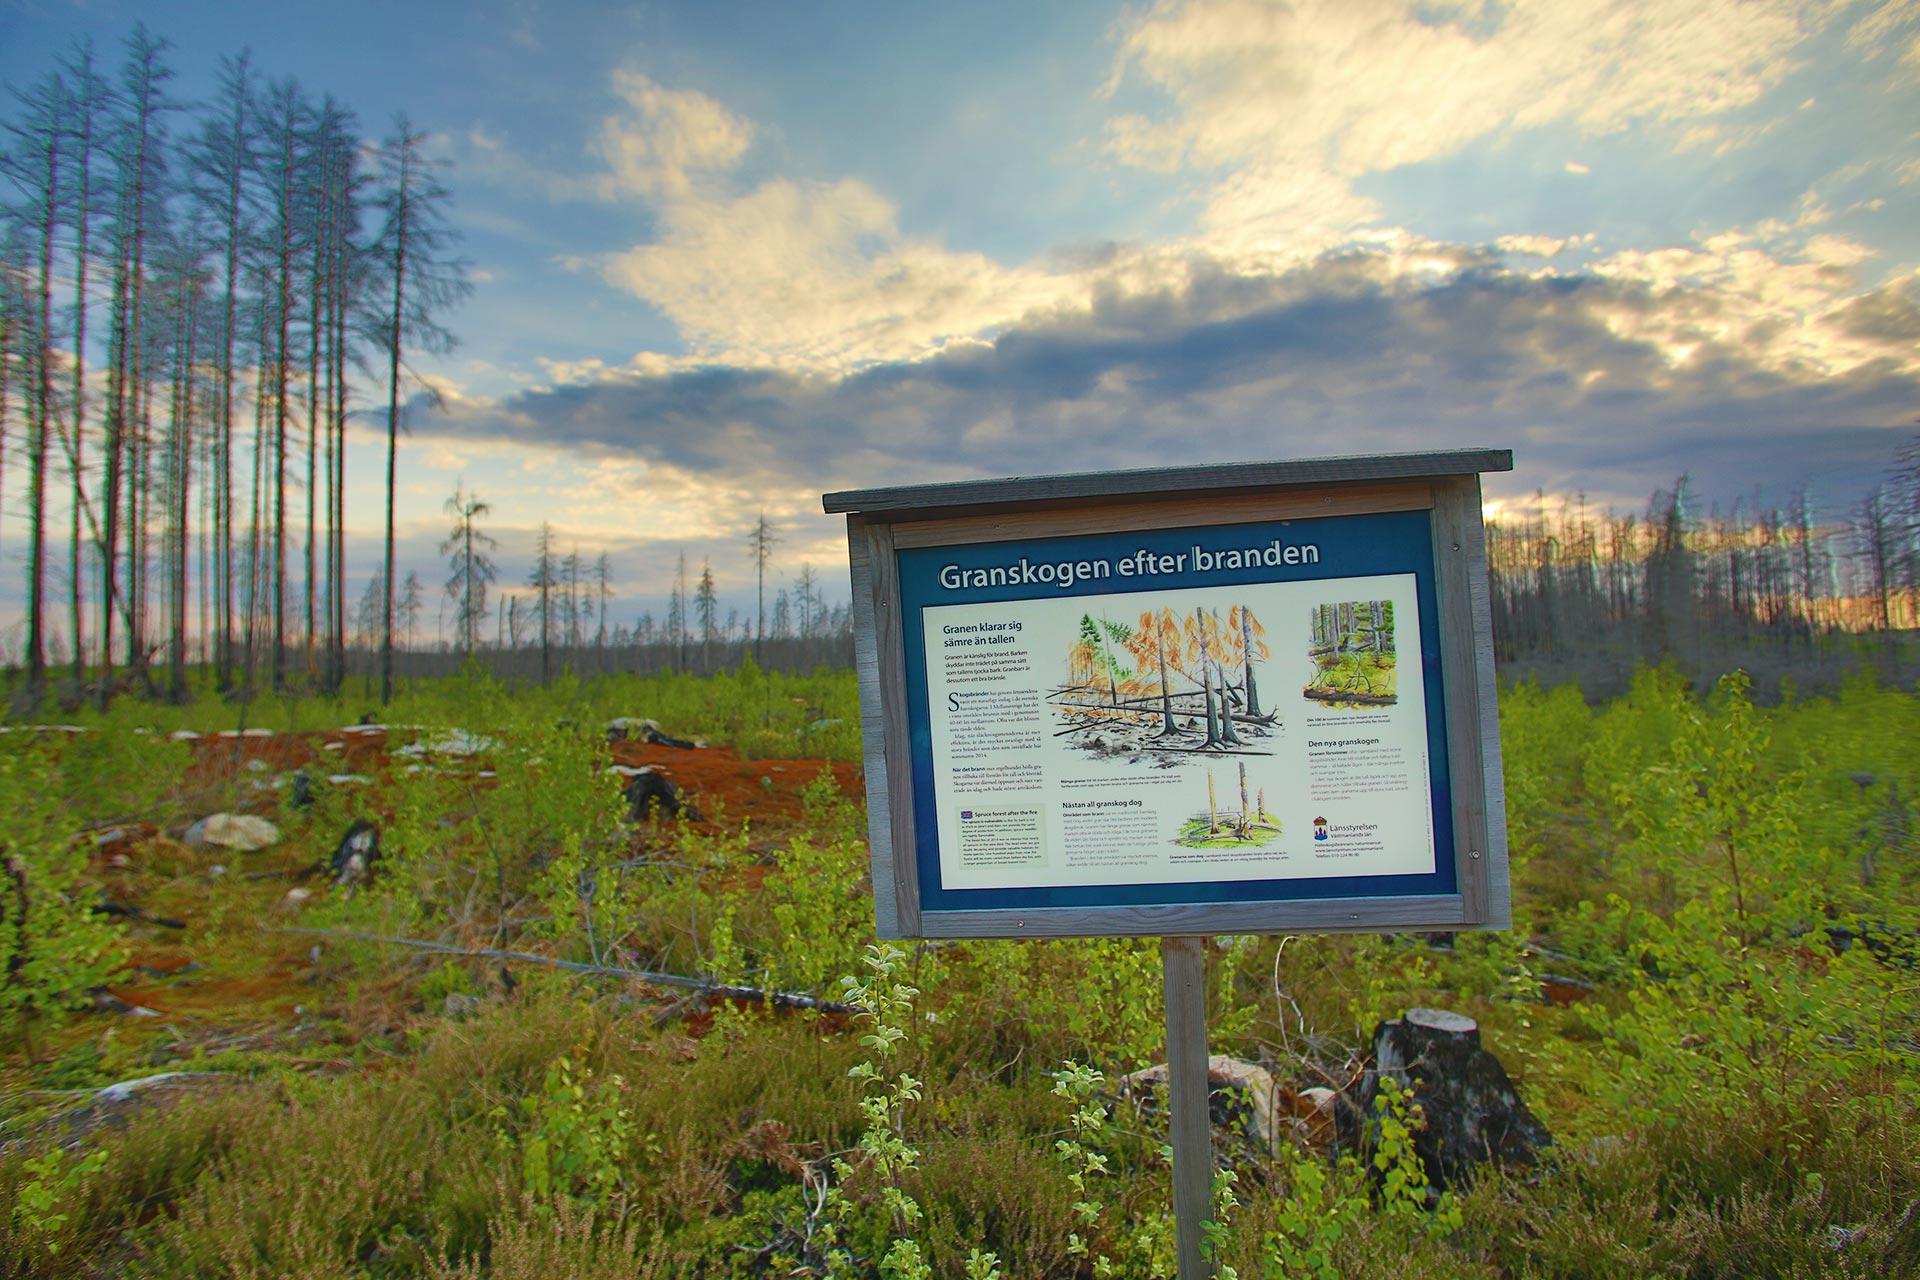 Vy över Hälleskogsbrännan med informationsskylt. Fotograf: Mostphotos